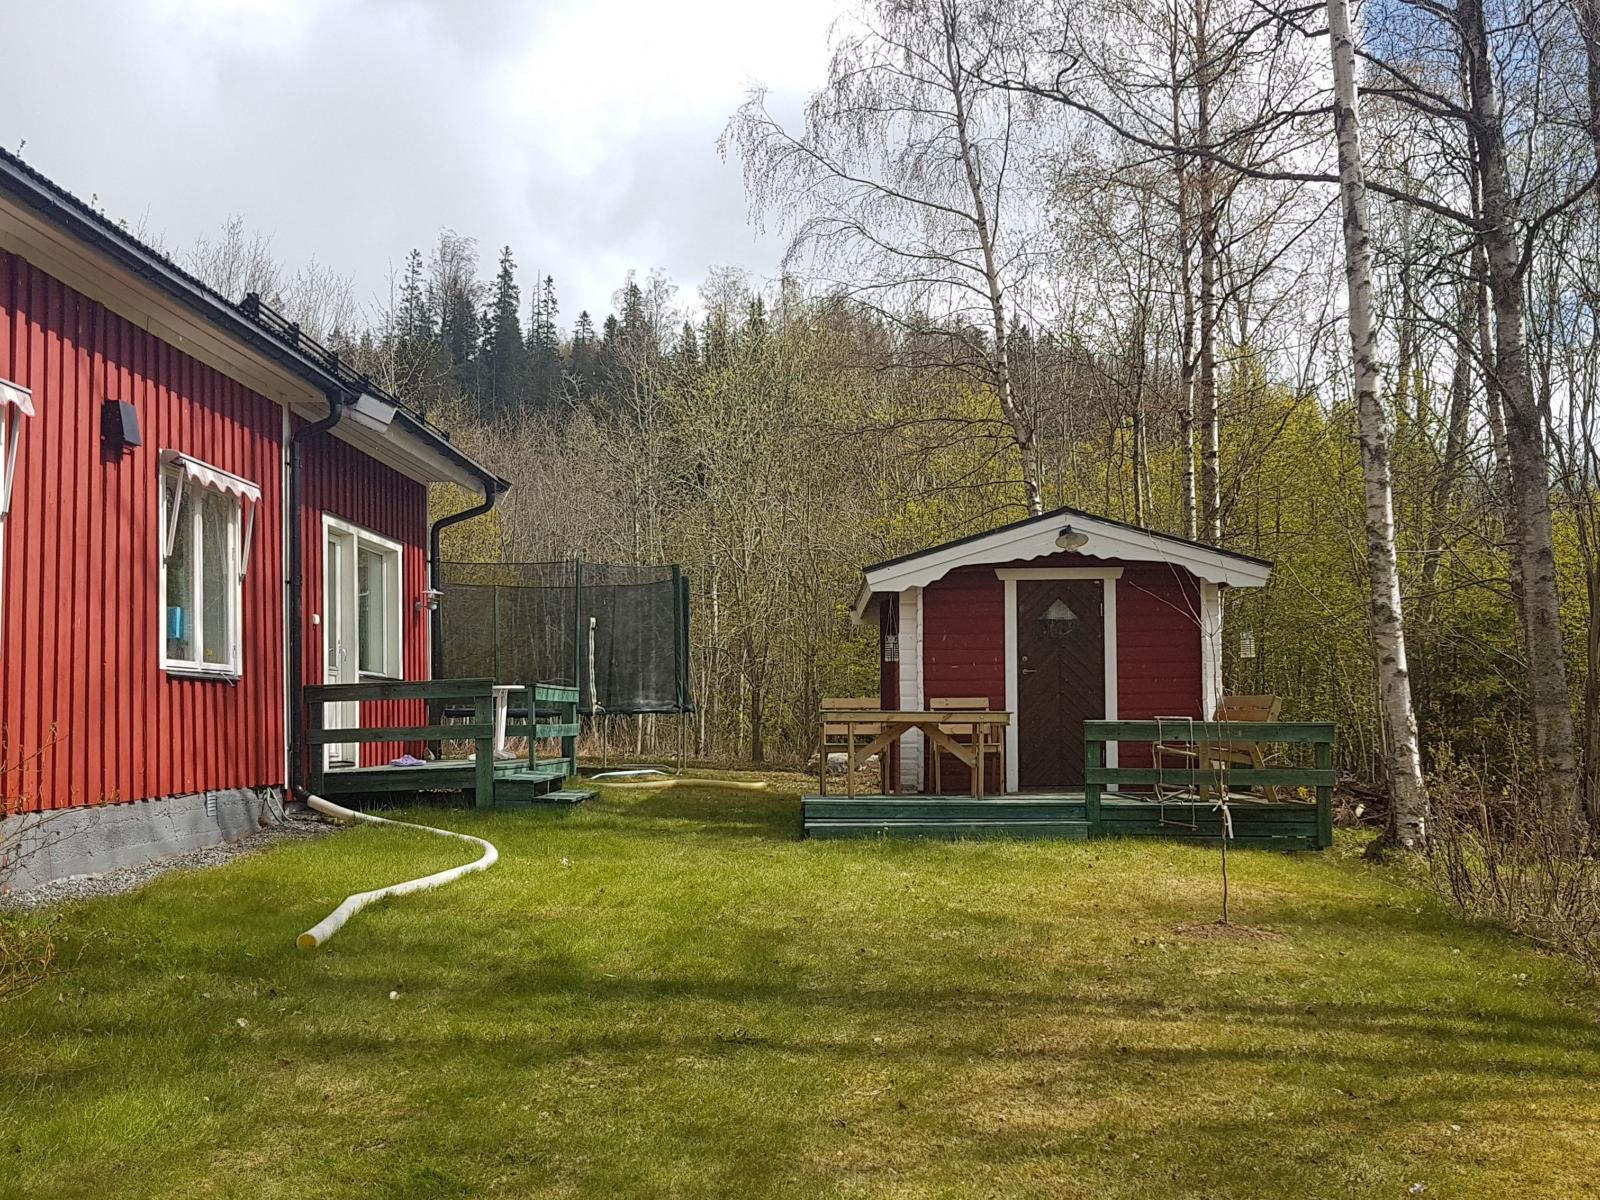 Ulvviksbodarna Nordingr karta - unam.net